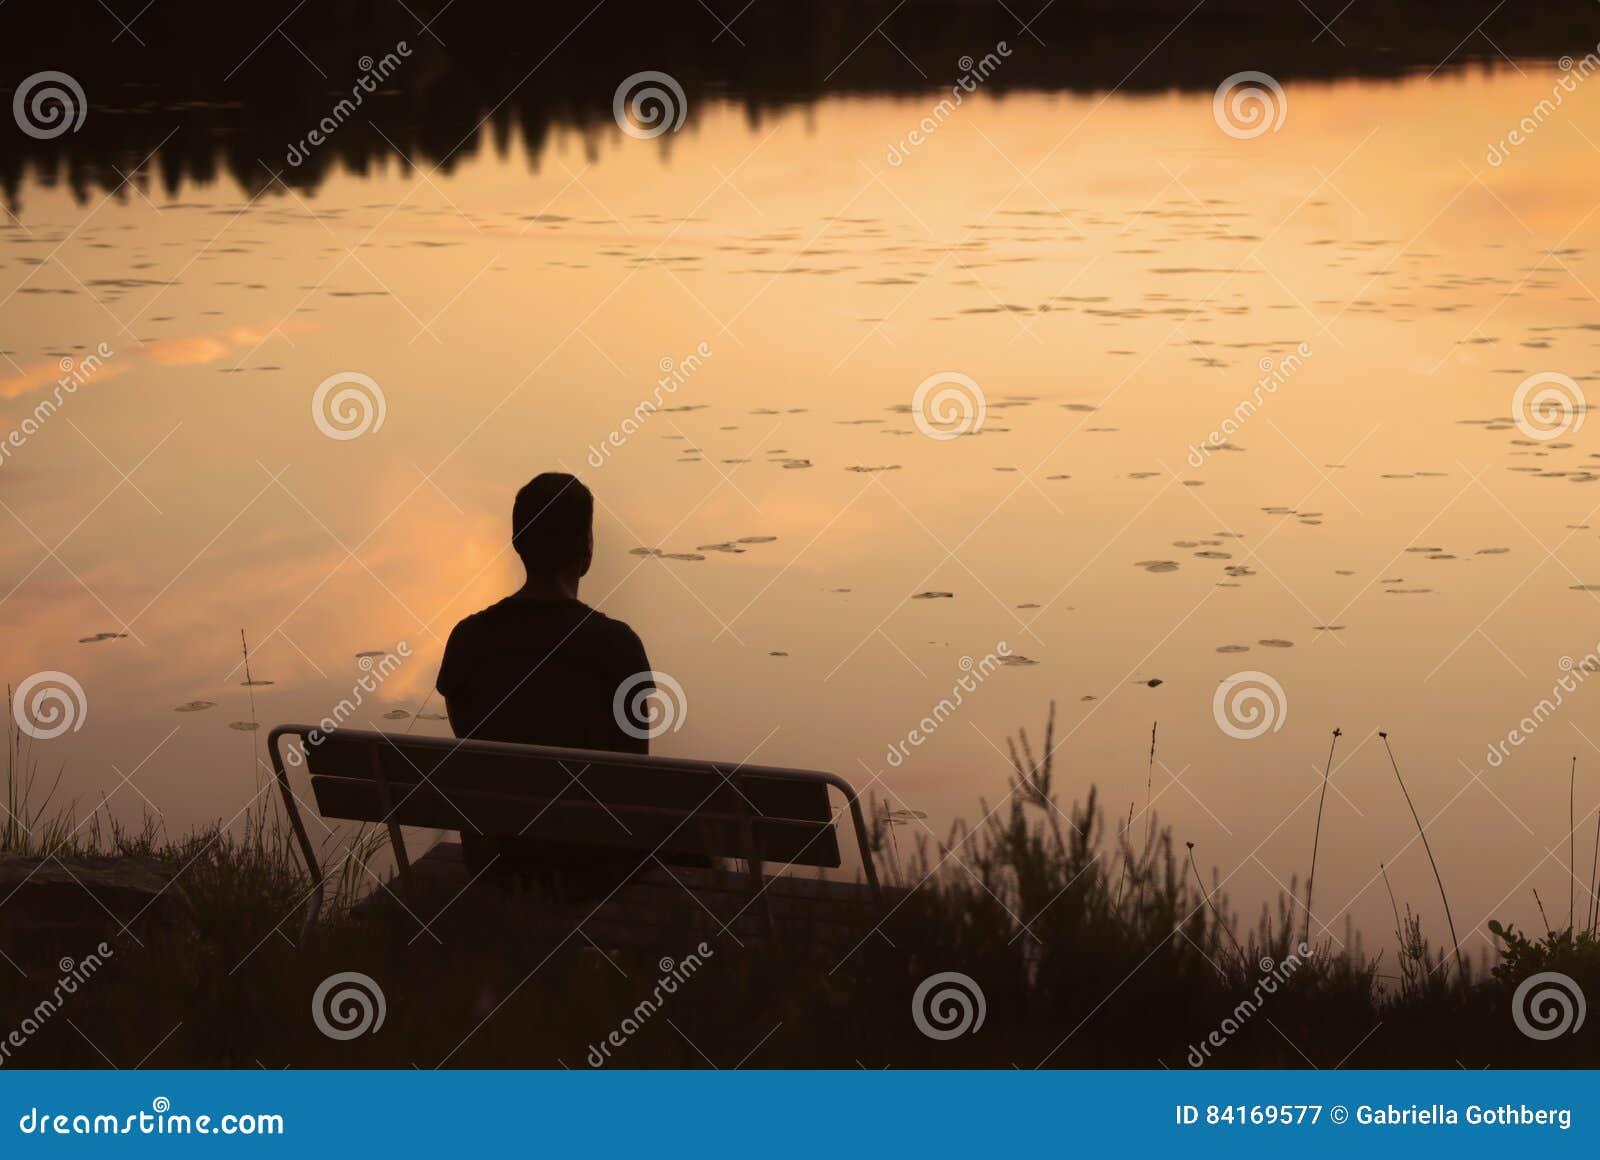 Silueta del hombre en banco en puesta del sol de oro por el lago